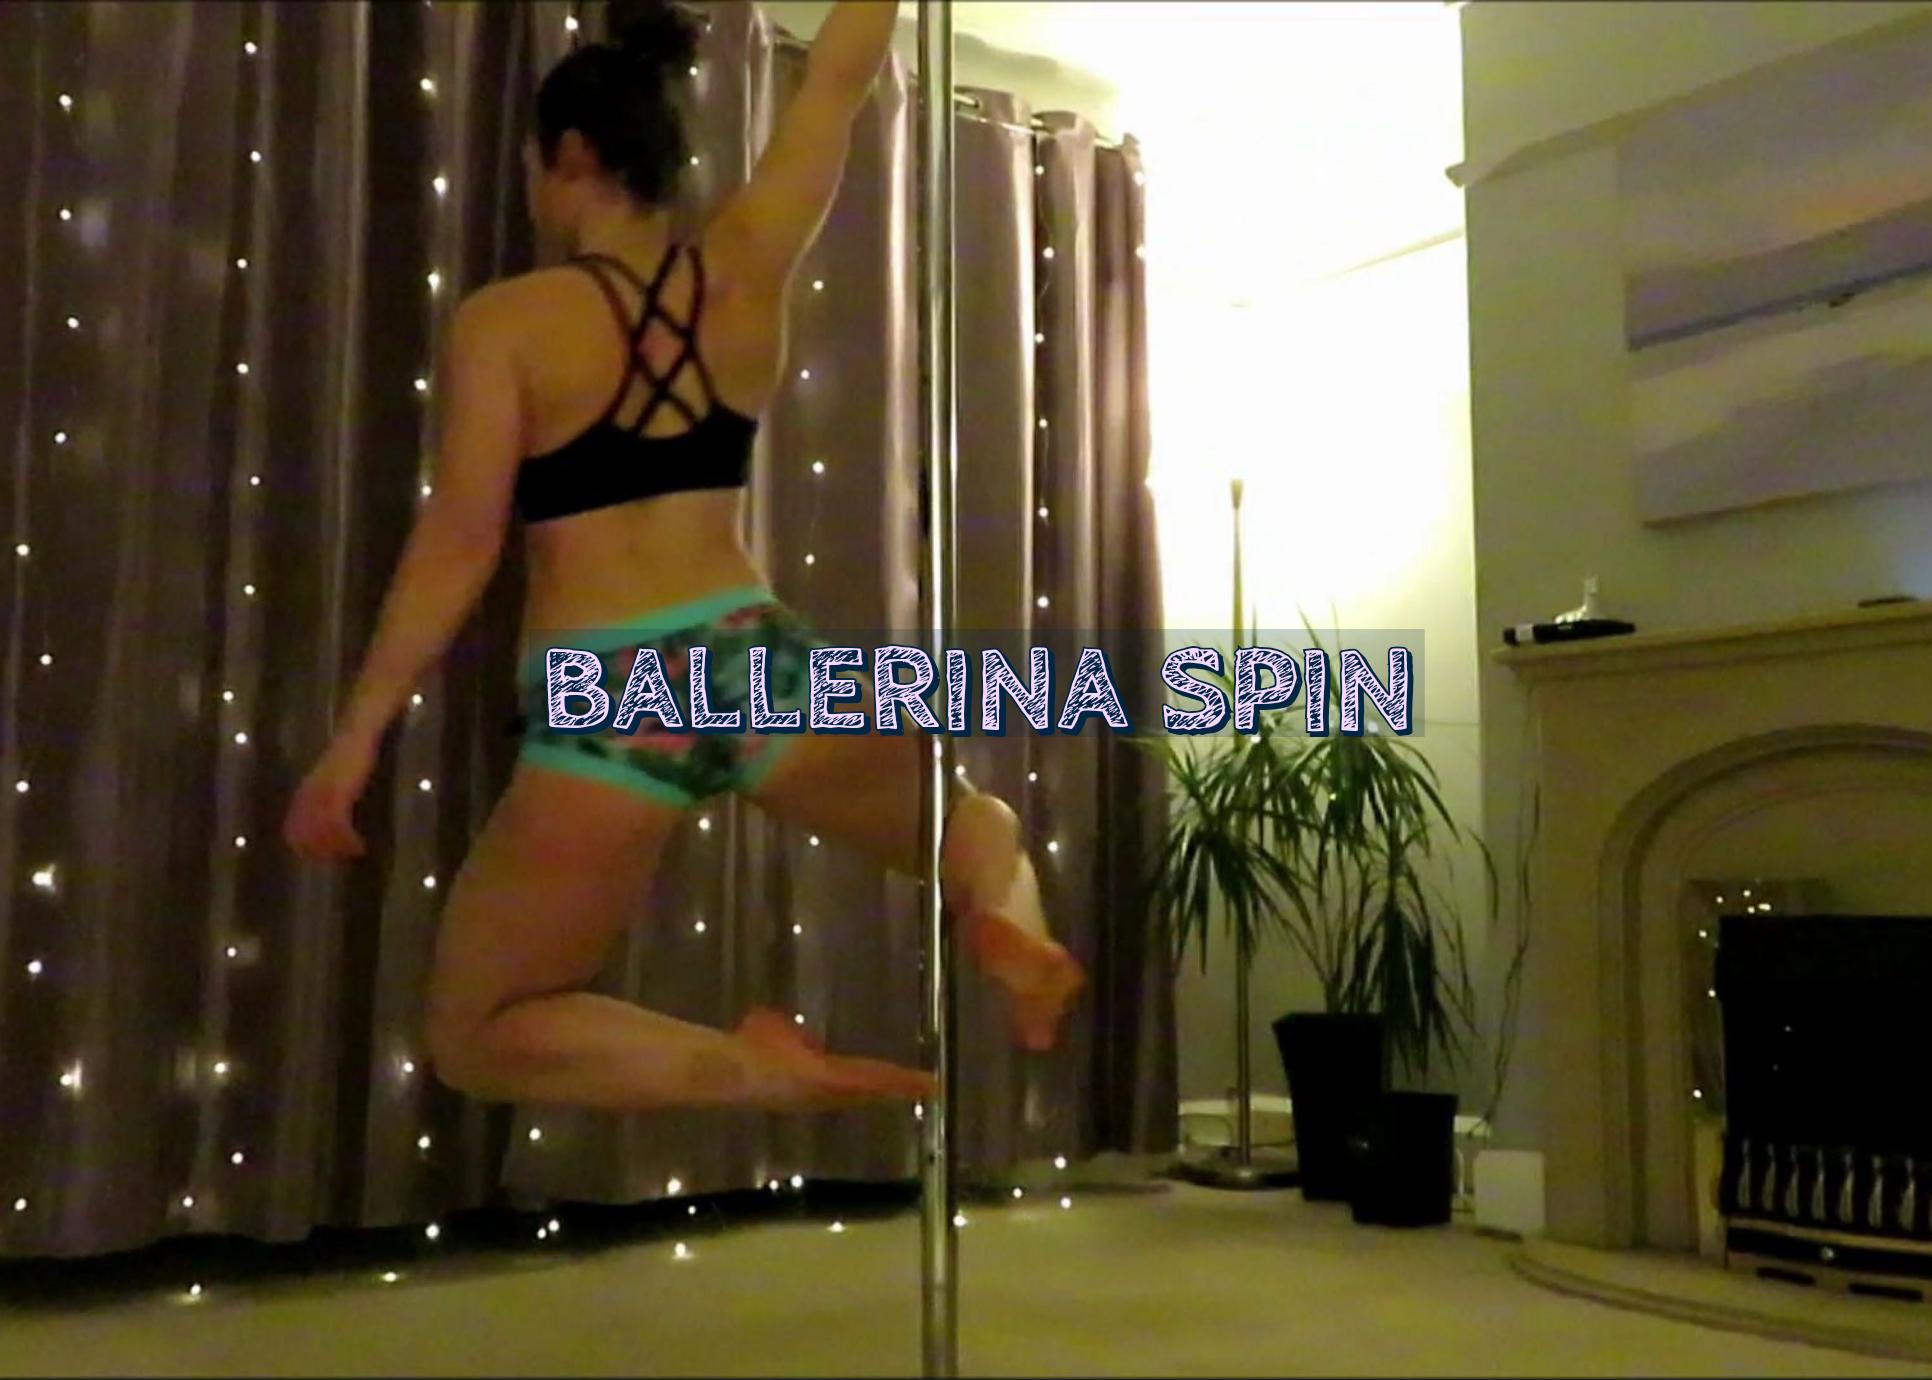 Ballerina spin pole dance